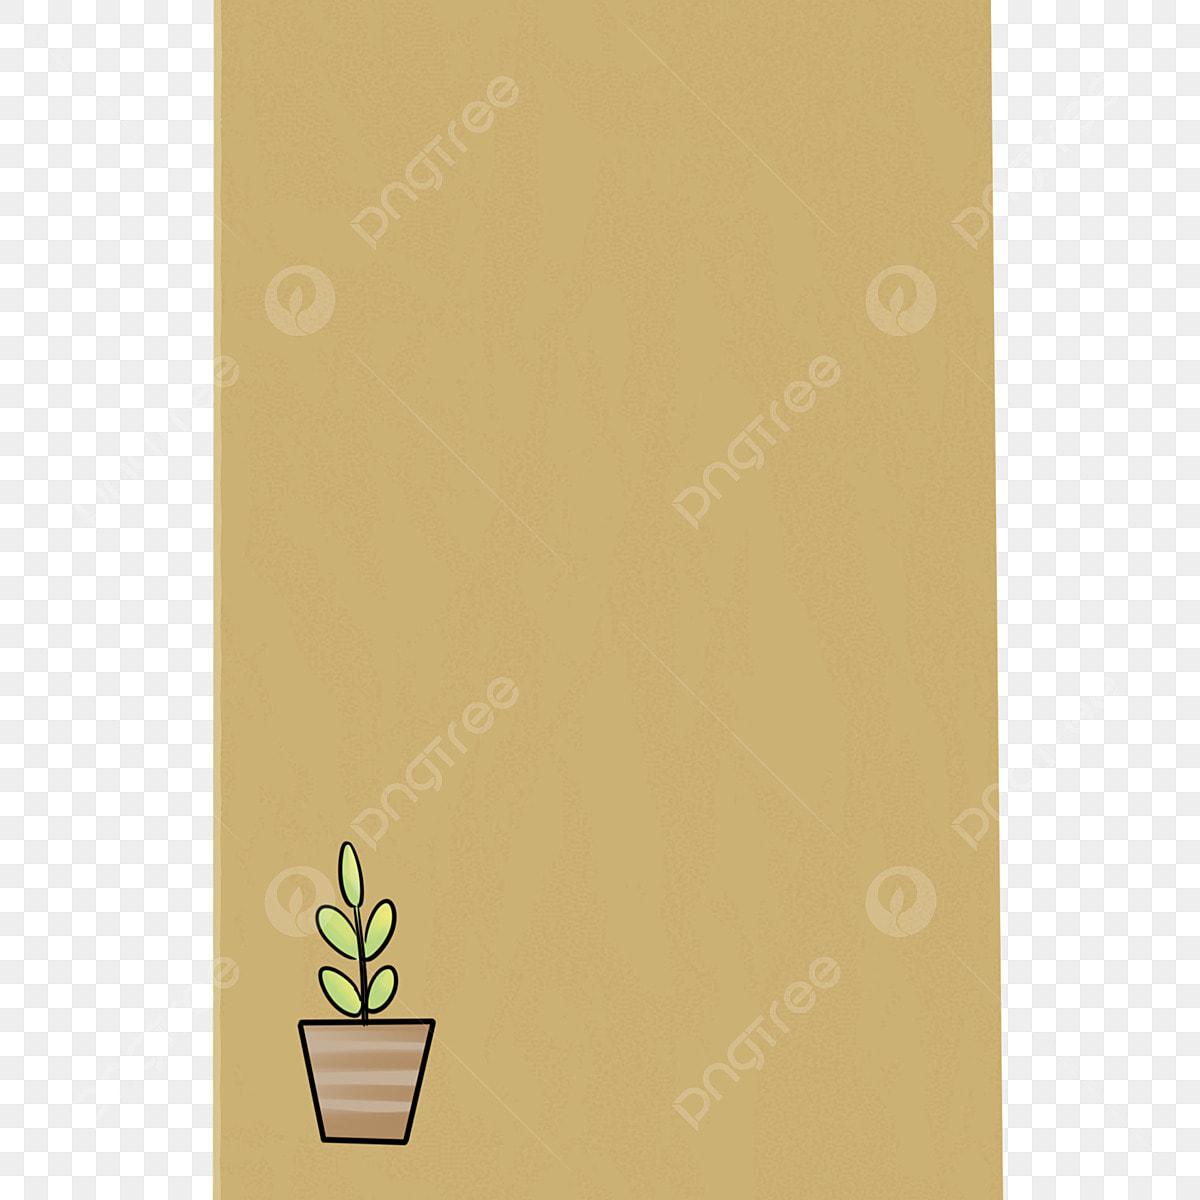 緑の植物 壁紙 素材 かわいい 元のかわいい新緑の壁紙素材 かわいい